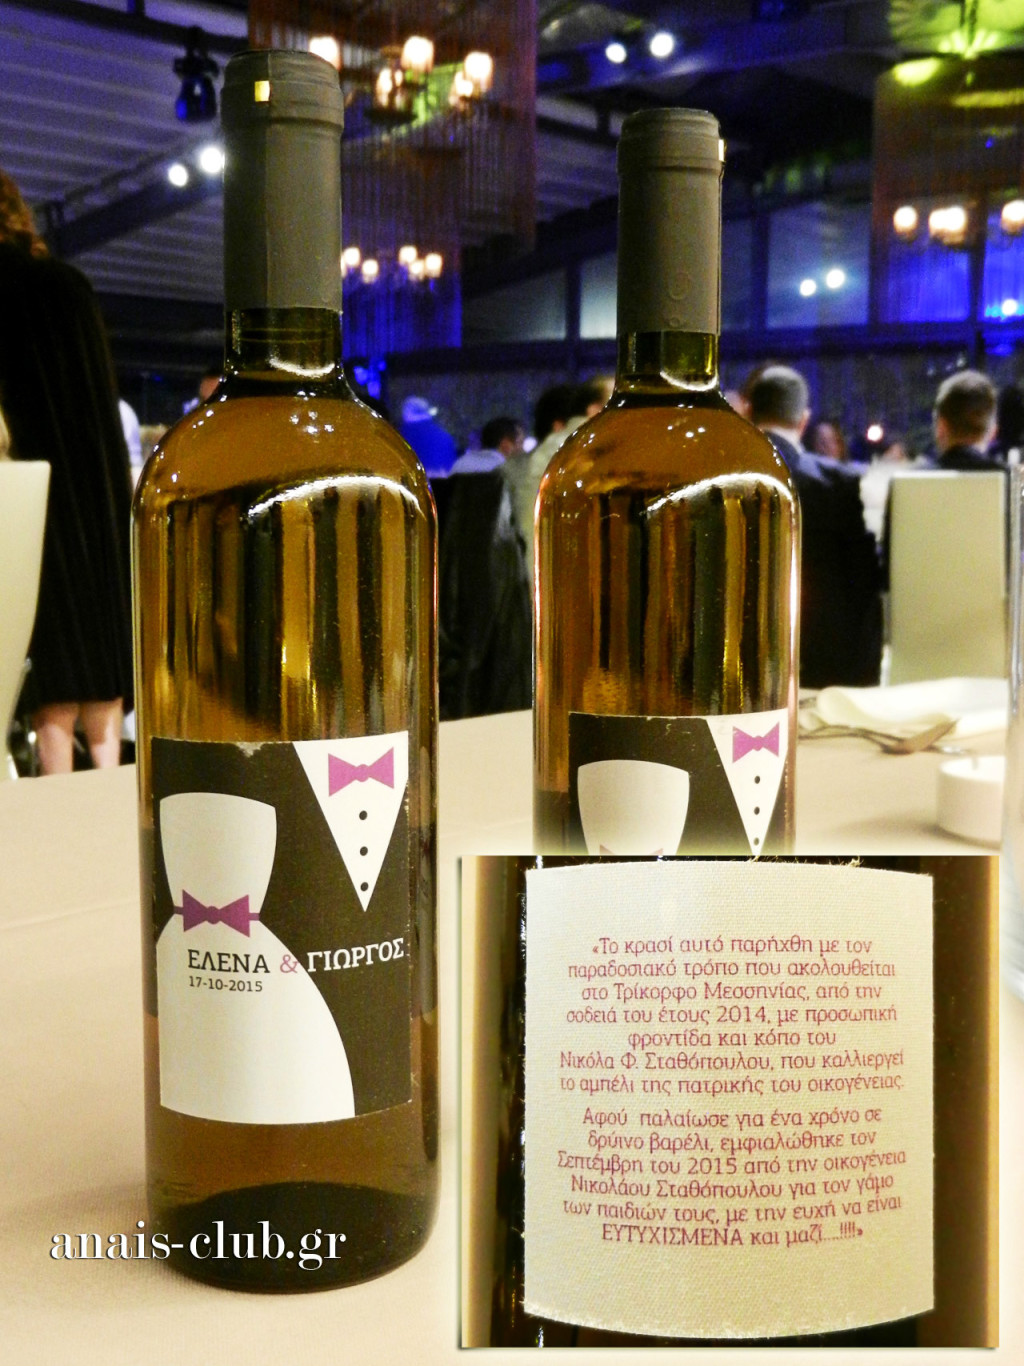 Το κρασί που σερβιριζόταν την βραδιά της δεξίωσης ήταν το κρασί που έφτιαξε και εμφιάλωσε με πολλή αγάπη η οικογένεια